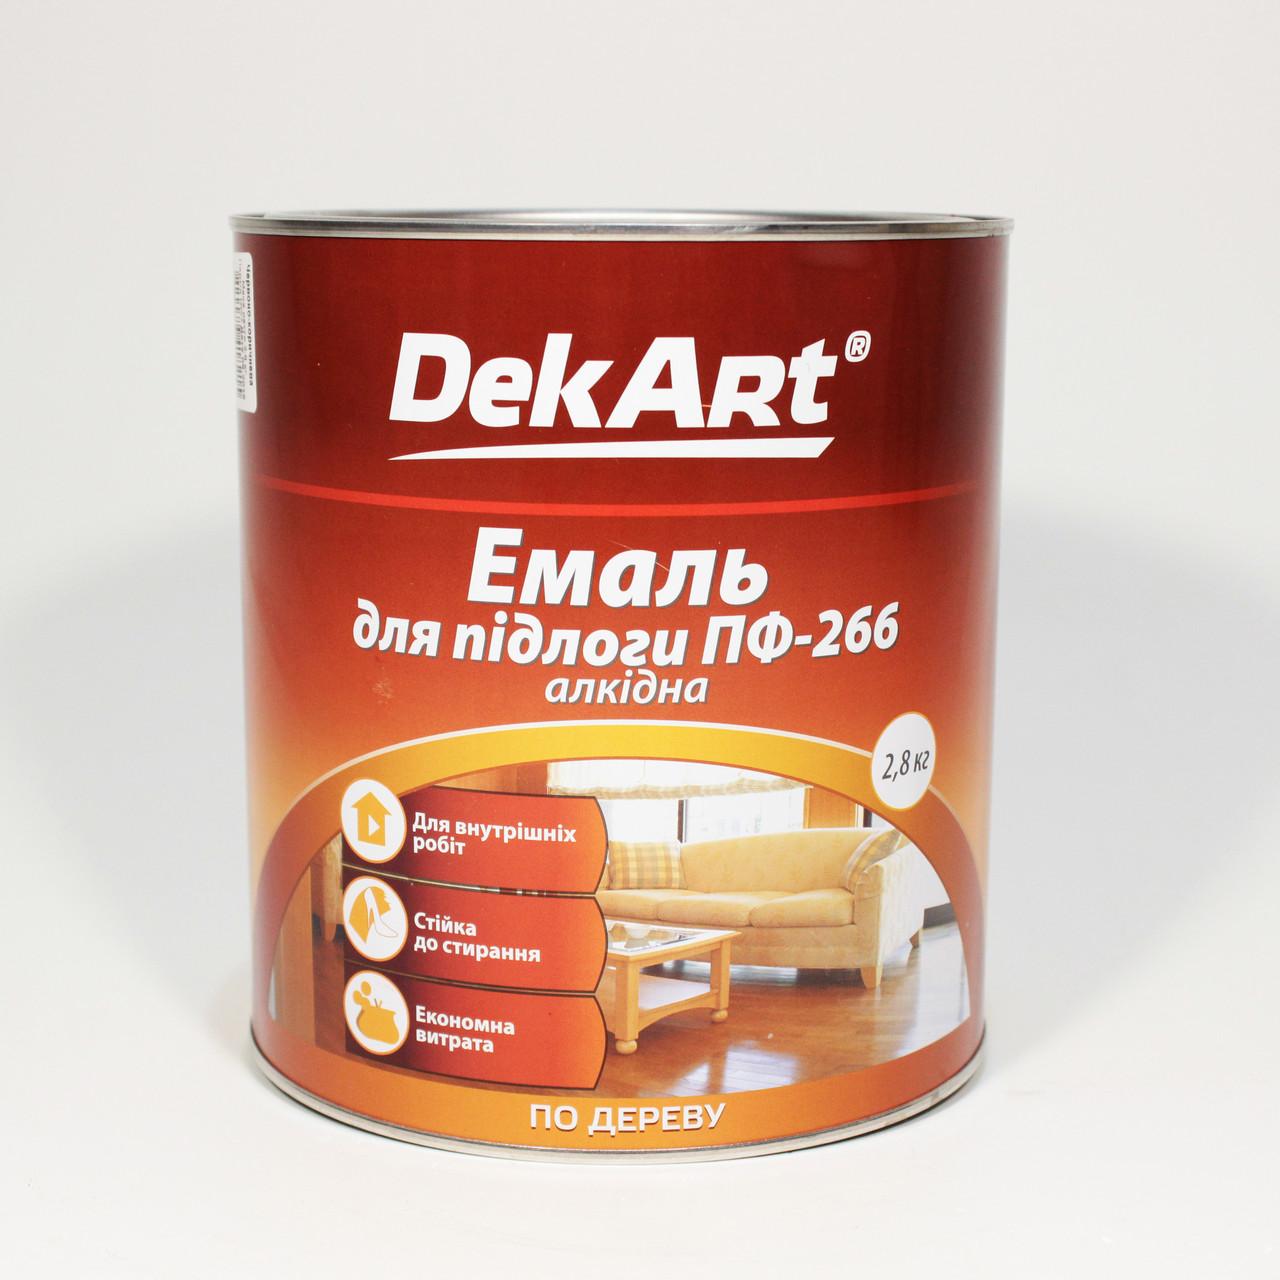 Какой краской можно покрасить батарею системы отопления